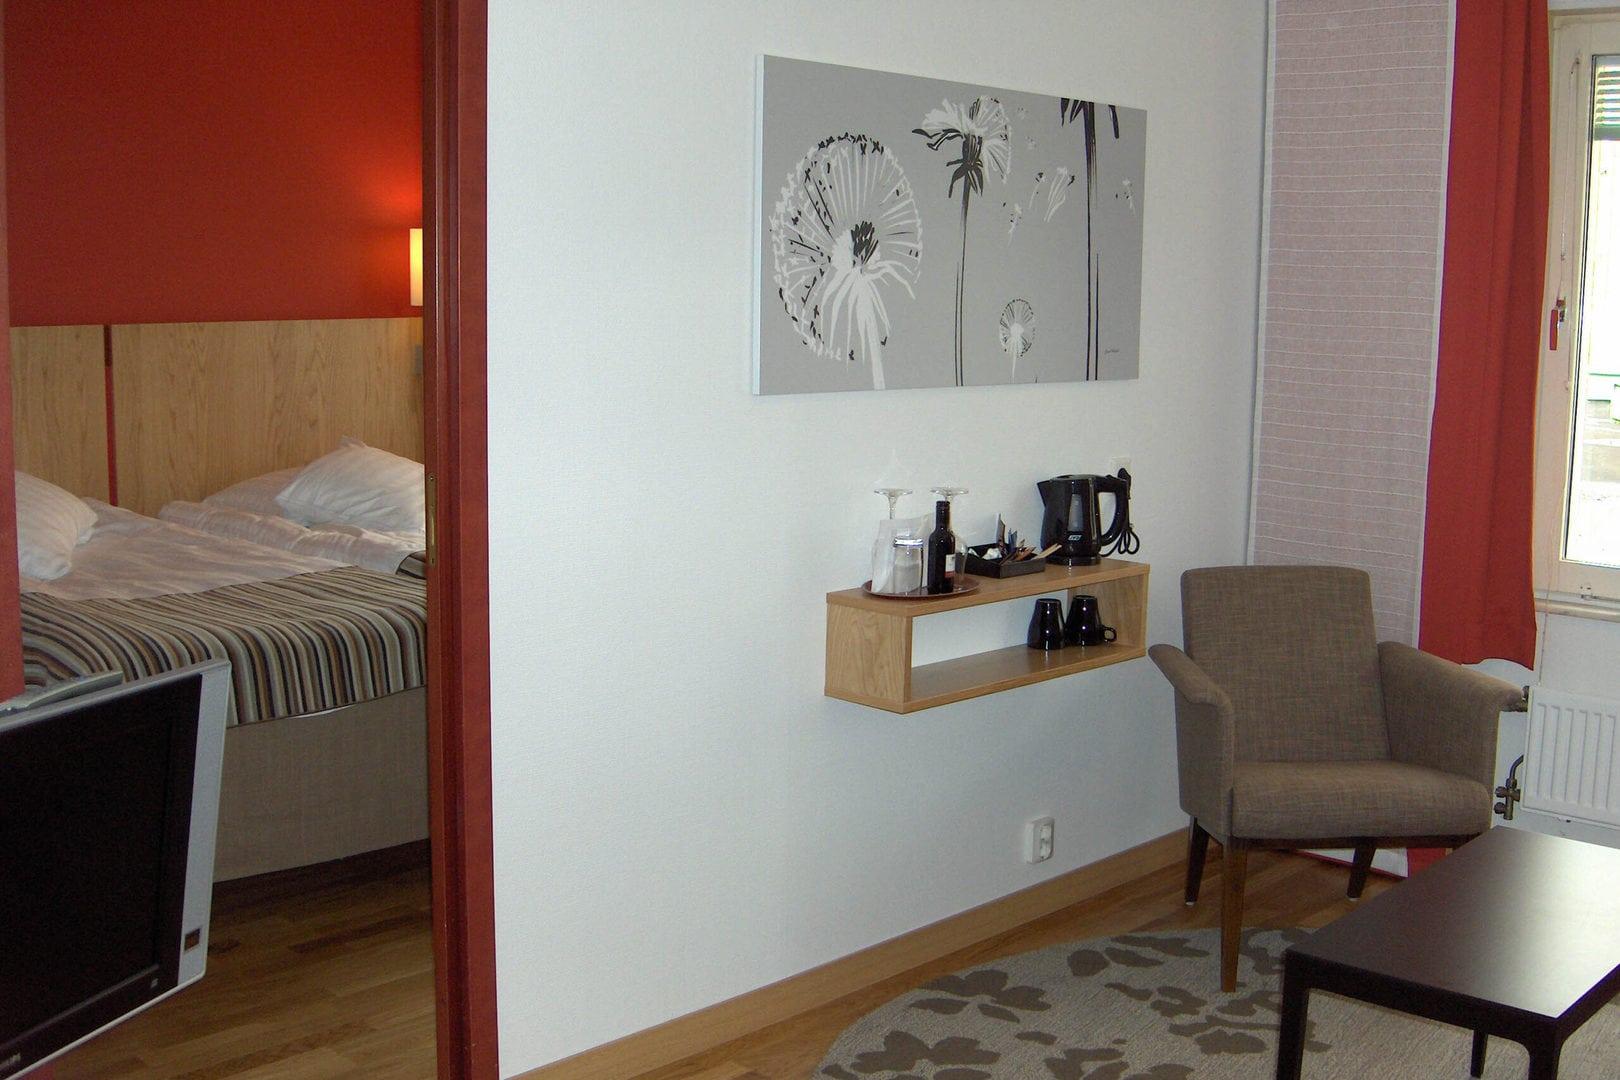 Scandic-Star-Interior-Room-Standard_tresengs_studieturLund